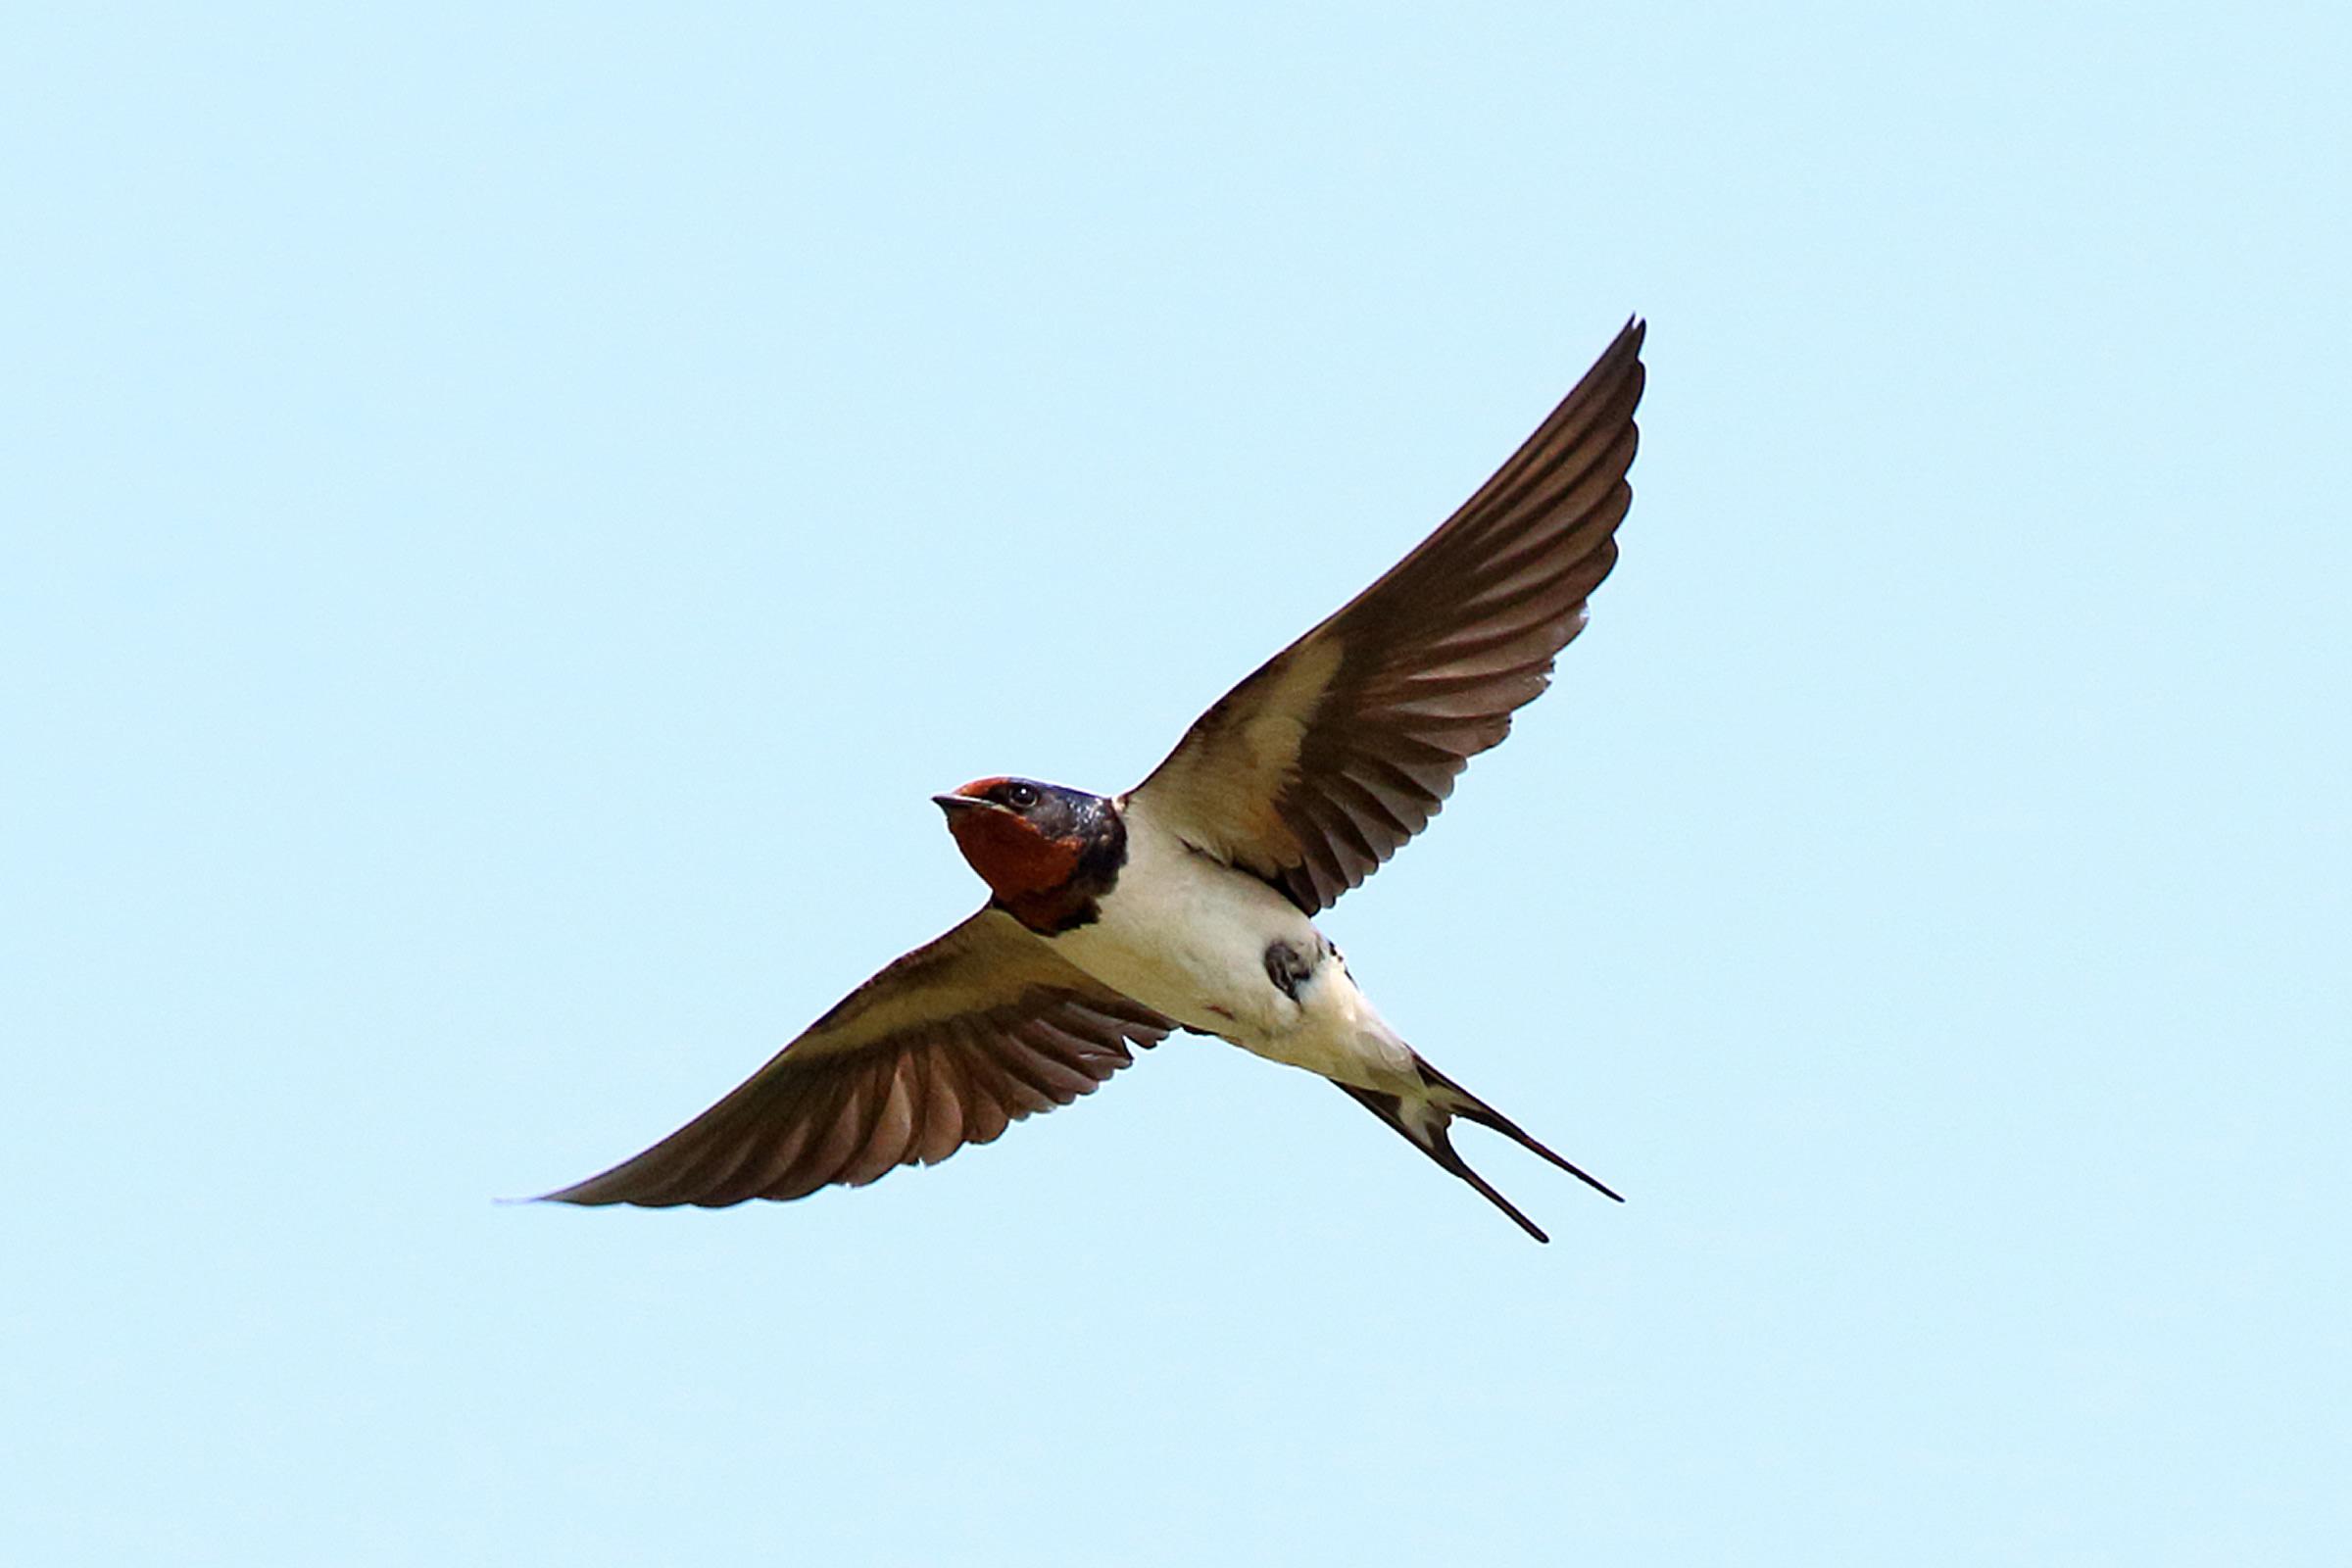 Â�ヤノン:バードブランチプロジェクト ǔ�物多様性の取り組み|野鳥写真図鑑|ツバメ